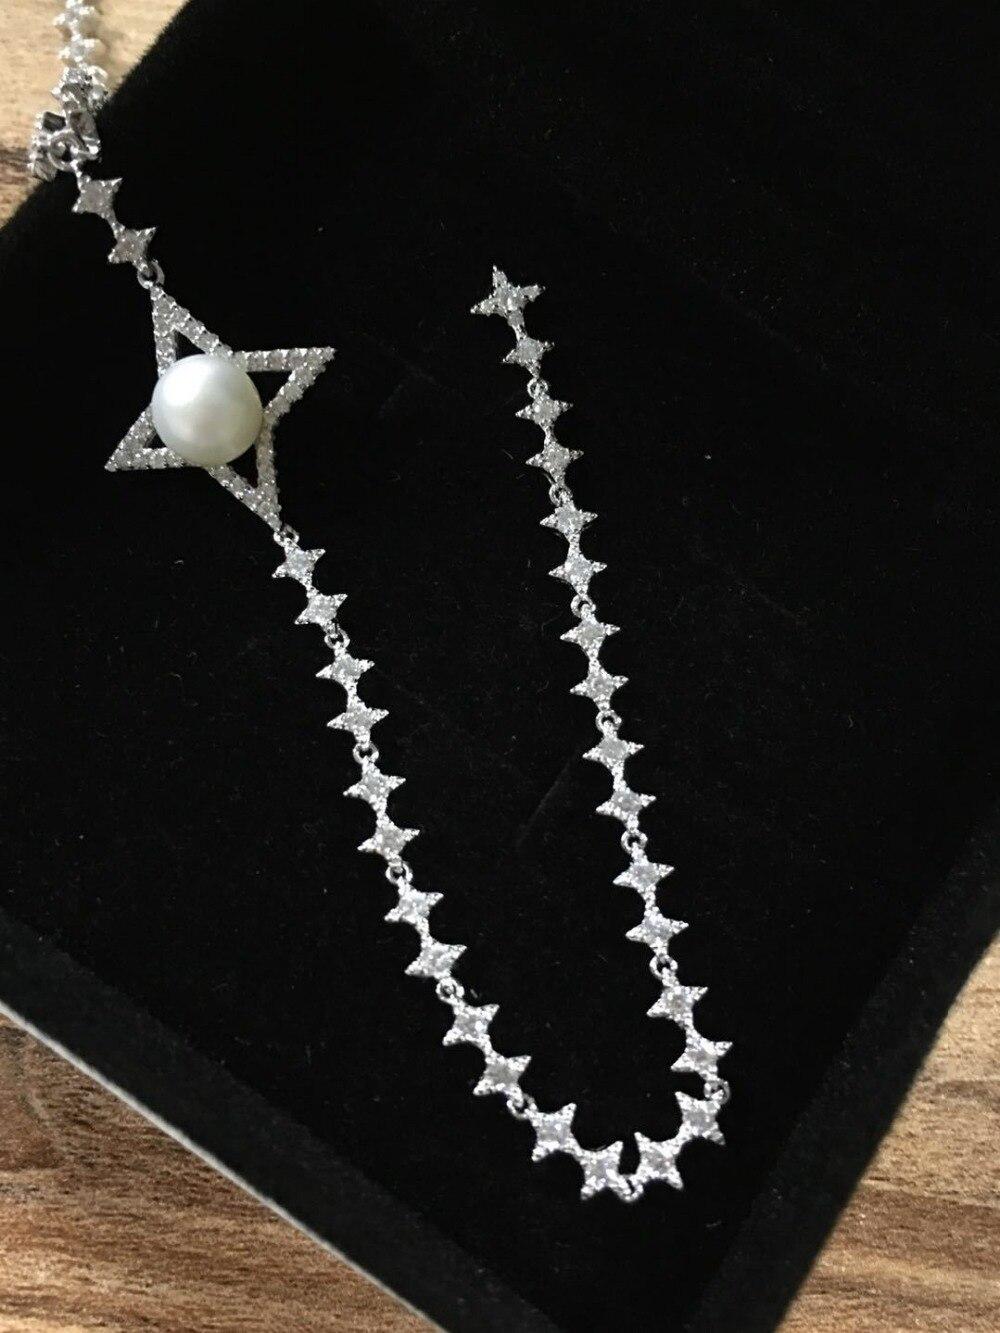 Famosa marca bling lleno de zircons estrellas estrelladas Cruz estrella largo cristal borlas 925 Plata fina perla mujer collar-in Colgantes from Joyería y accesorios    1